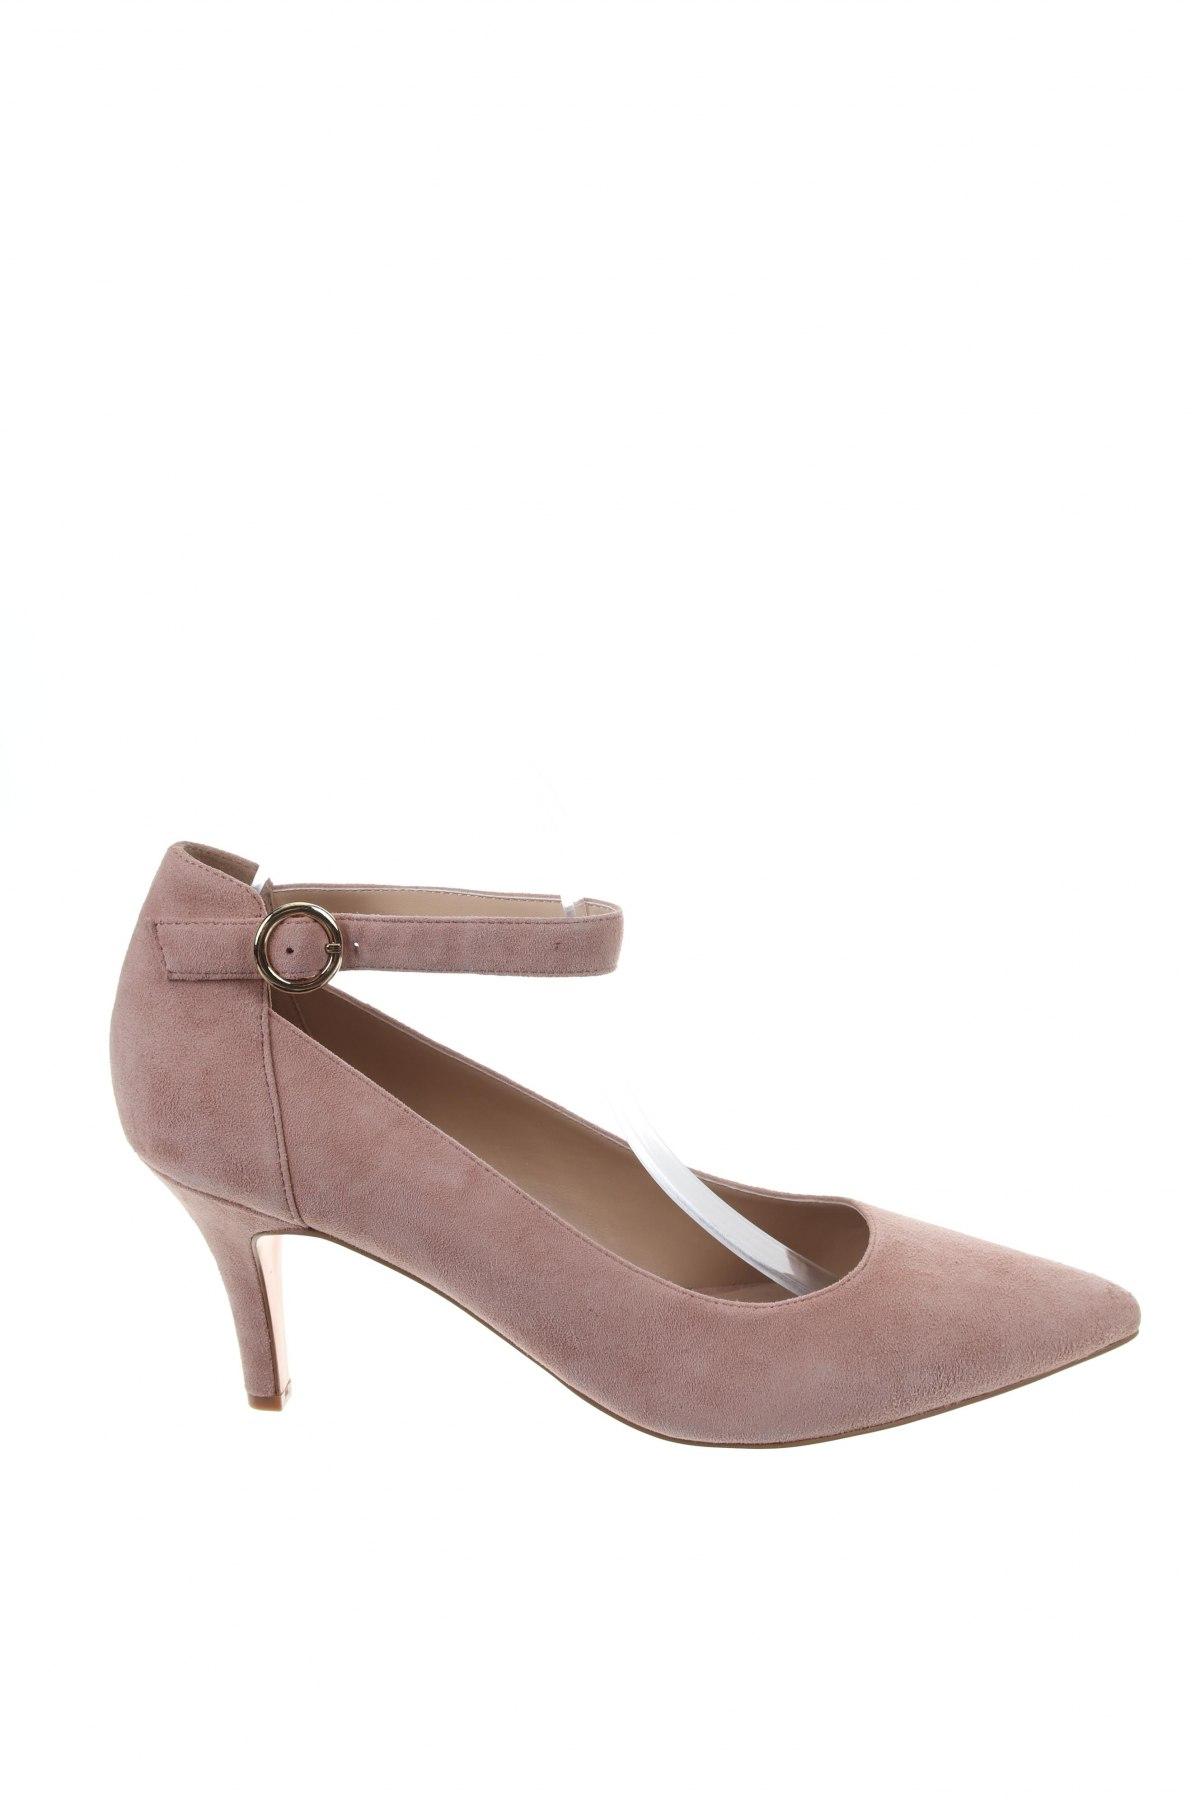 Γυναικεία παπούτσια Pier One, Μέγεθος 42, Χρώμα Ρόζ , Φυσικό σουέτ, Τιμή 16,86€